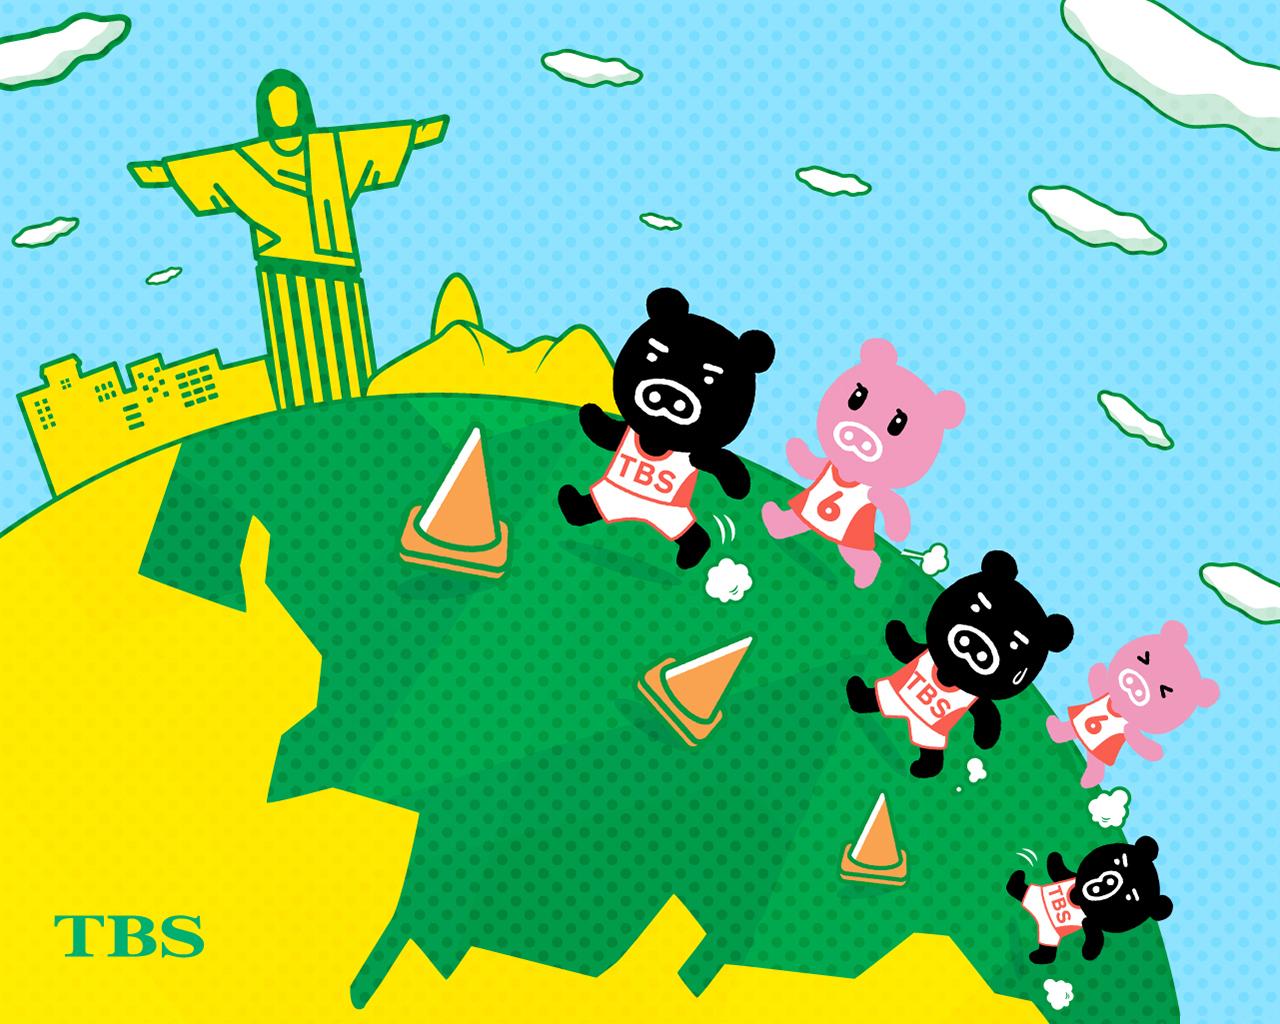 ☆無料視聴可能なTBSドラマ☆ 「TBSドラマ、見逃してても大丈夫!無料試聴できちゃいます☆」の2枚目の画像